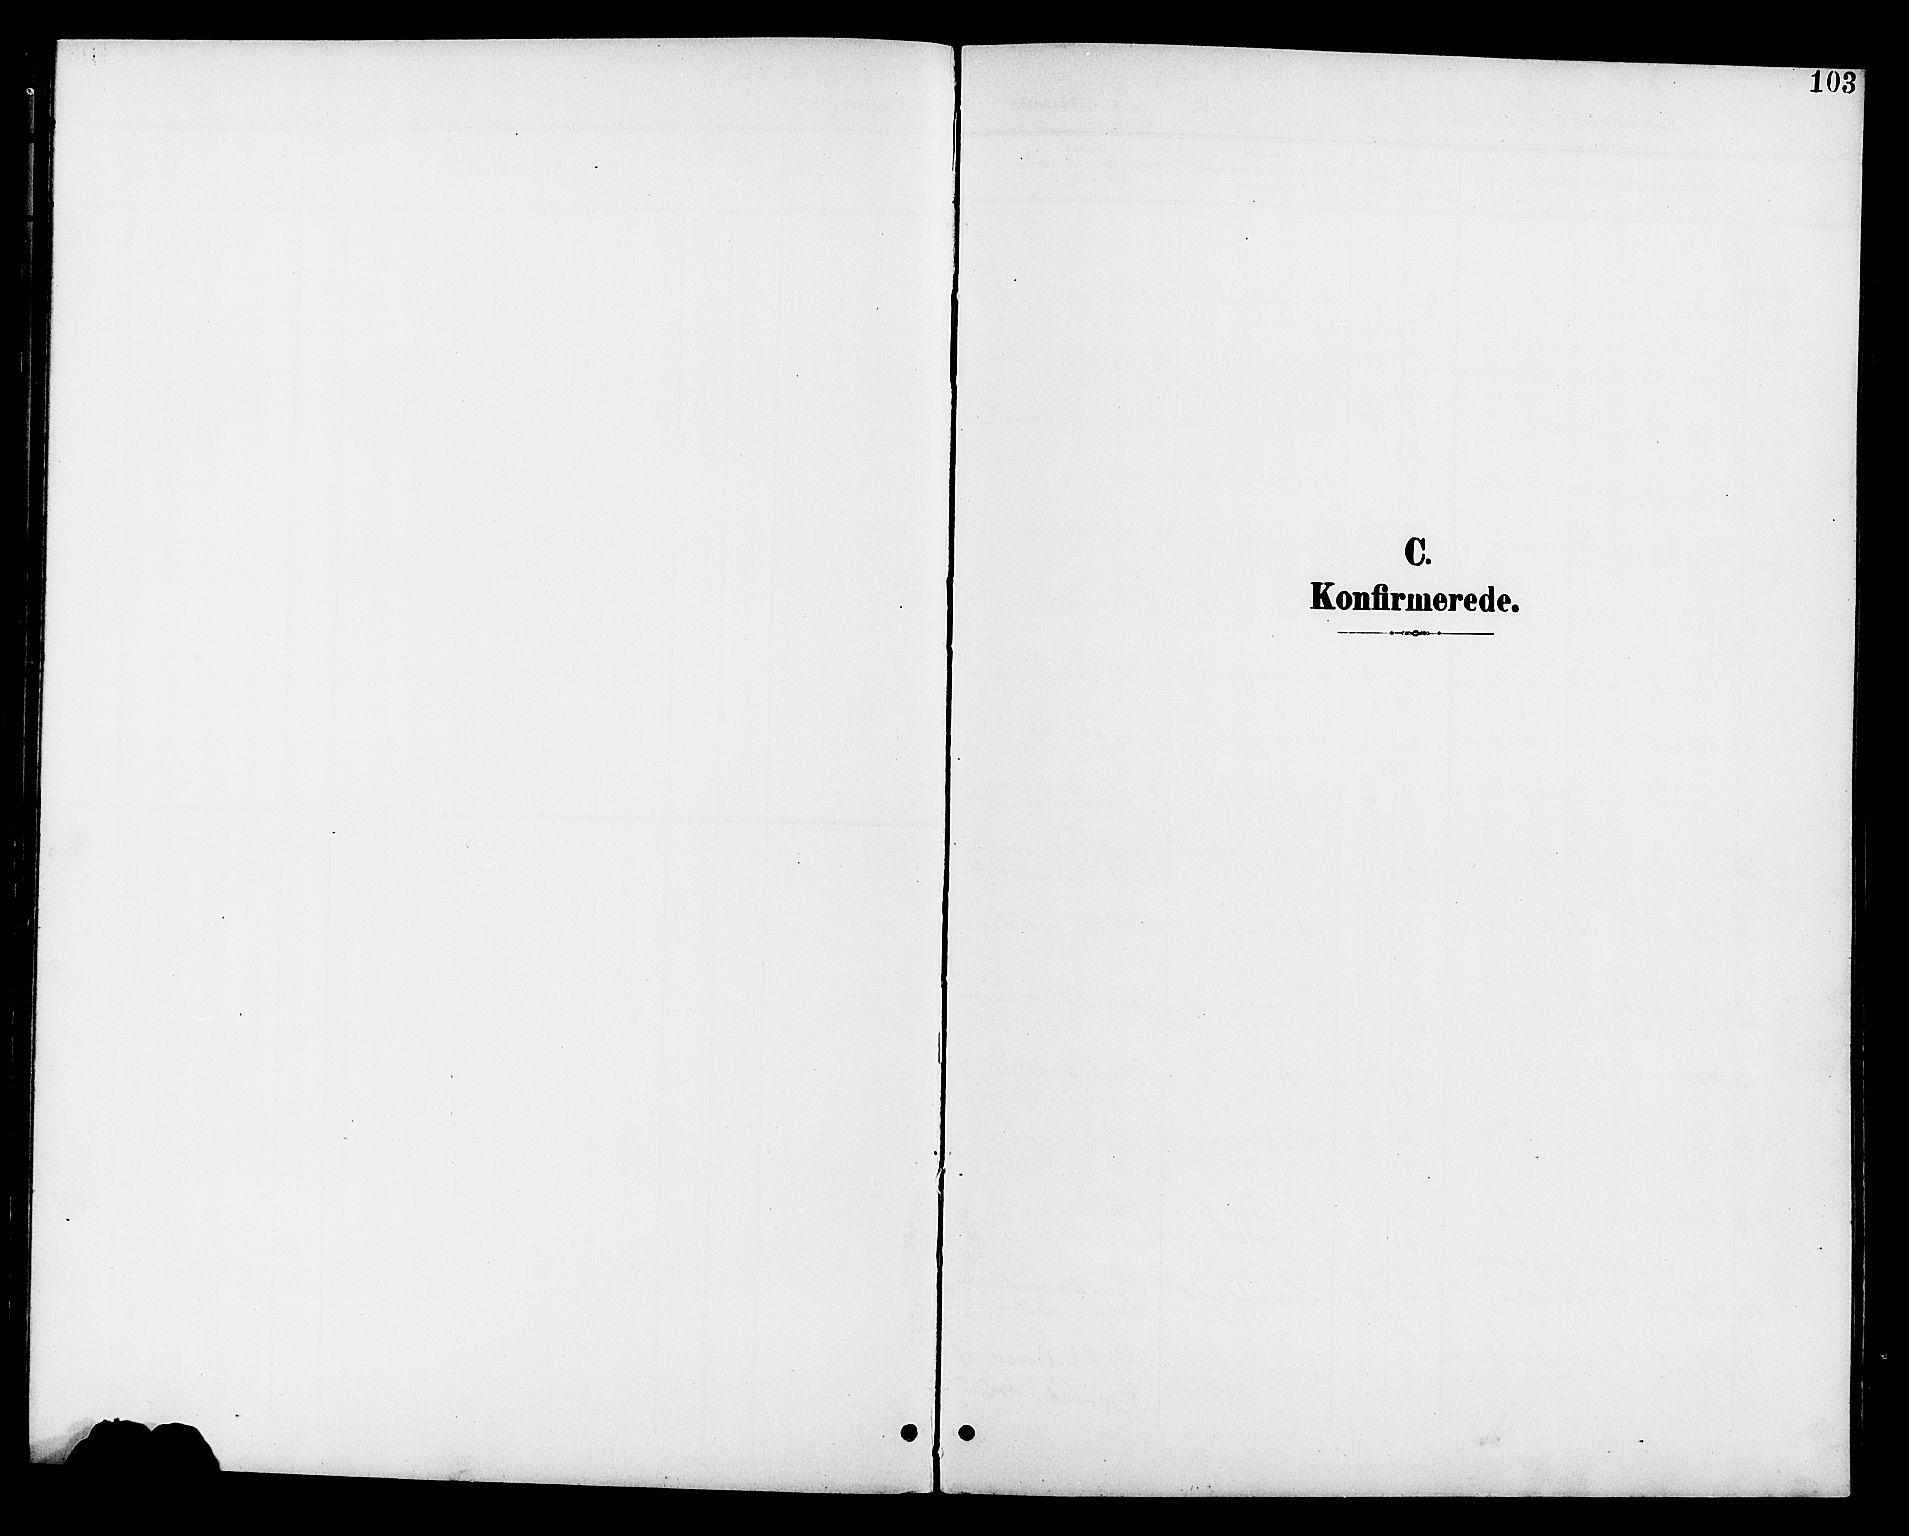 SAH, Vestre Toten prestekontor, Klokkerbok nr. 11, 1901-1911, s. 103